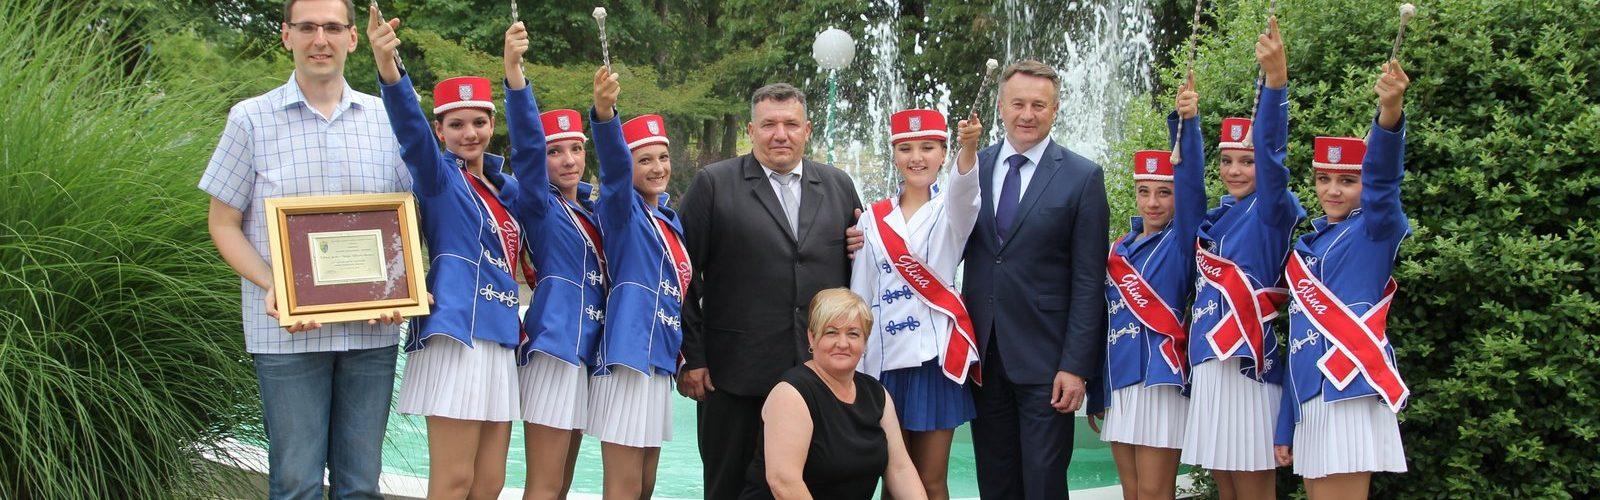 Obilježba Dana Sisačko-moslavačke županije